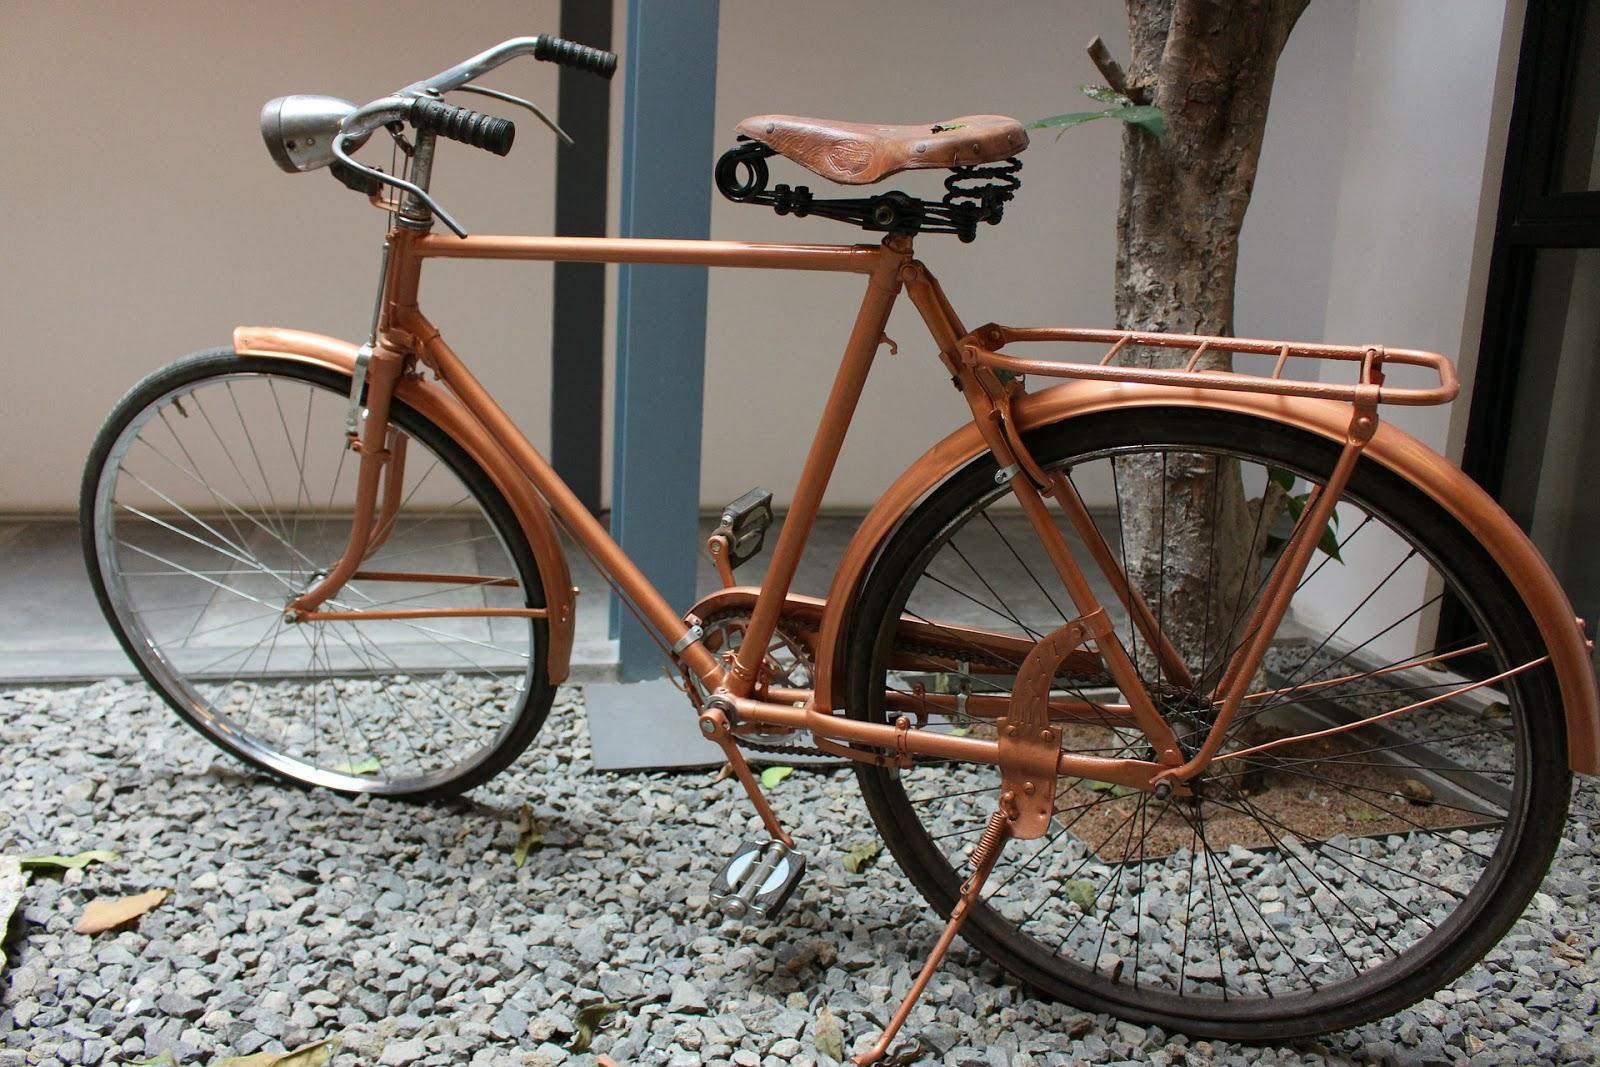 vanha polkupyörä myydään